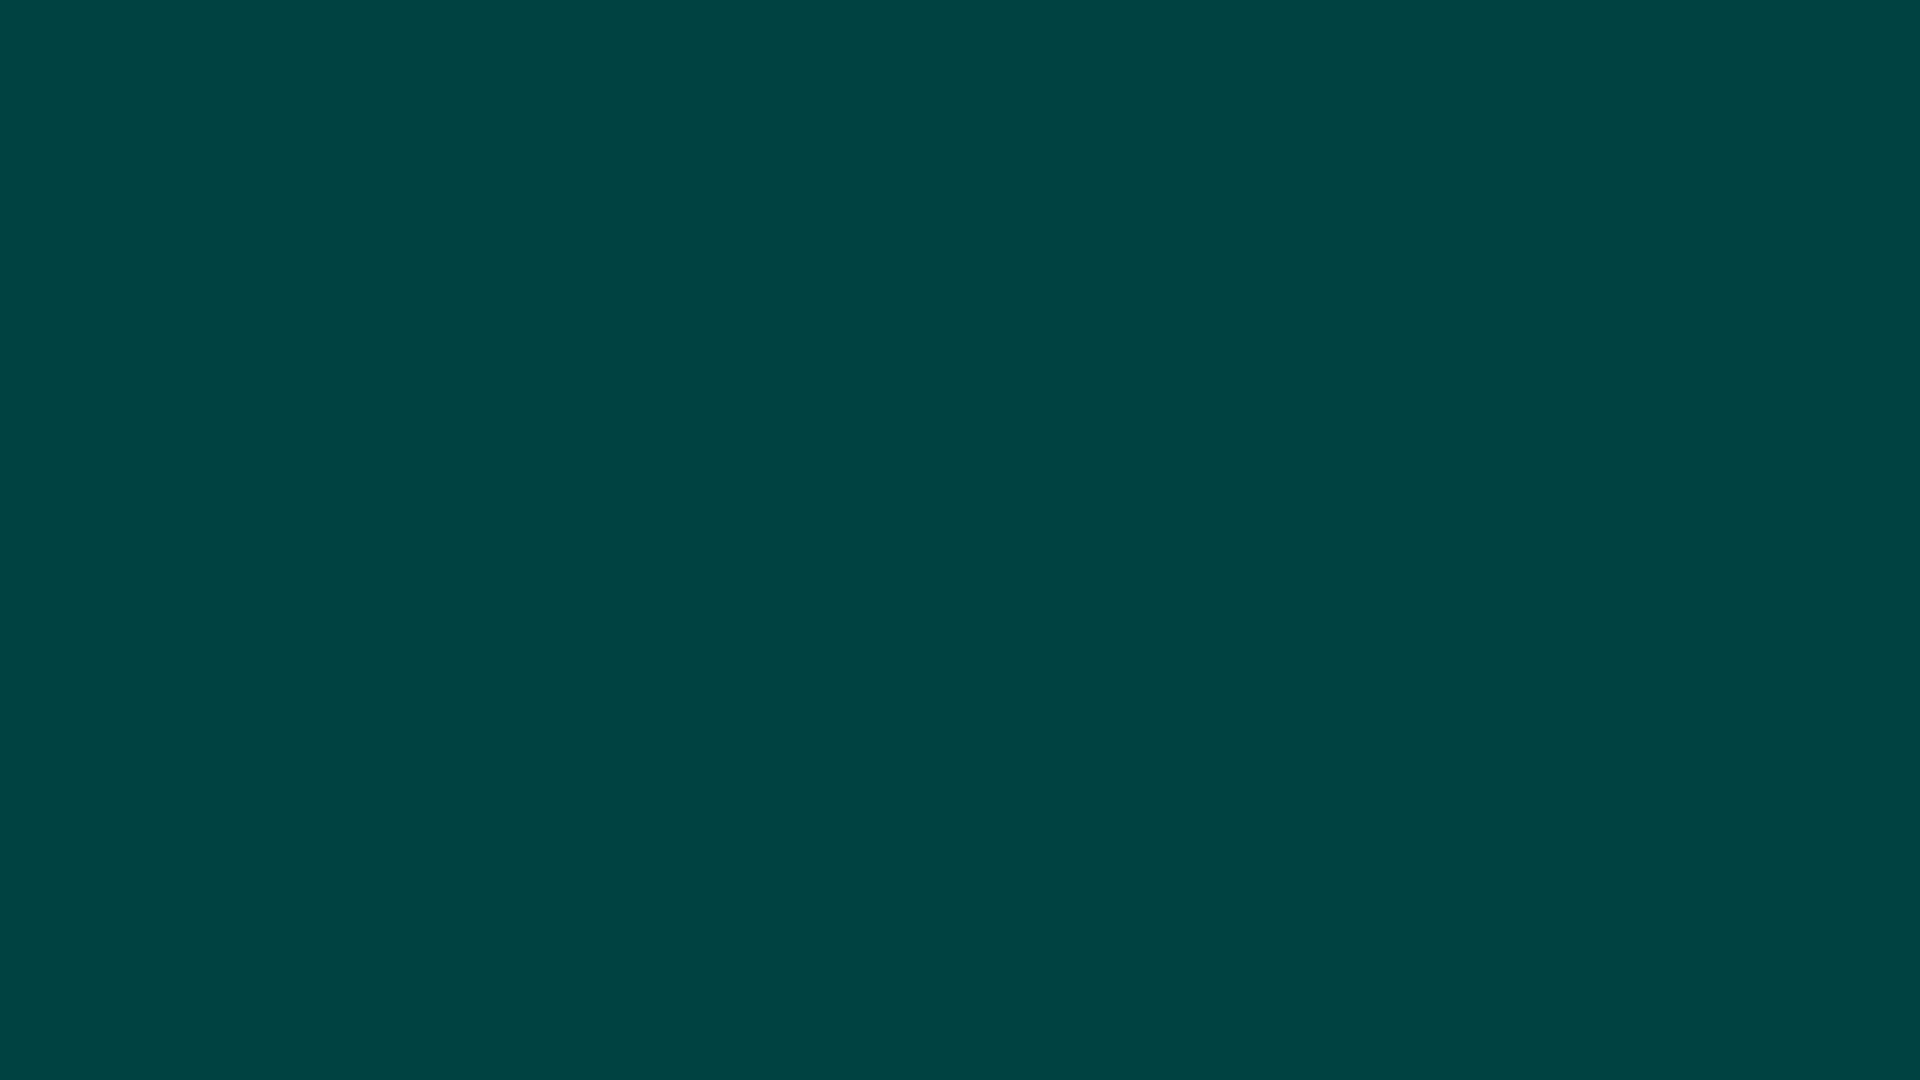 Res: 1920x1080, Solid Color wallpaper |  | #57826